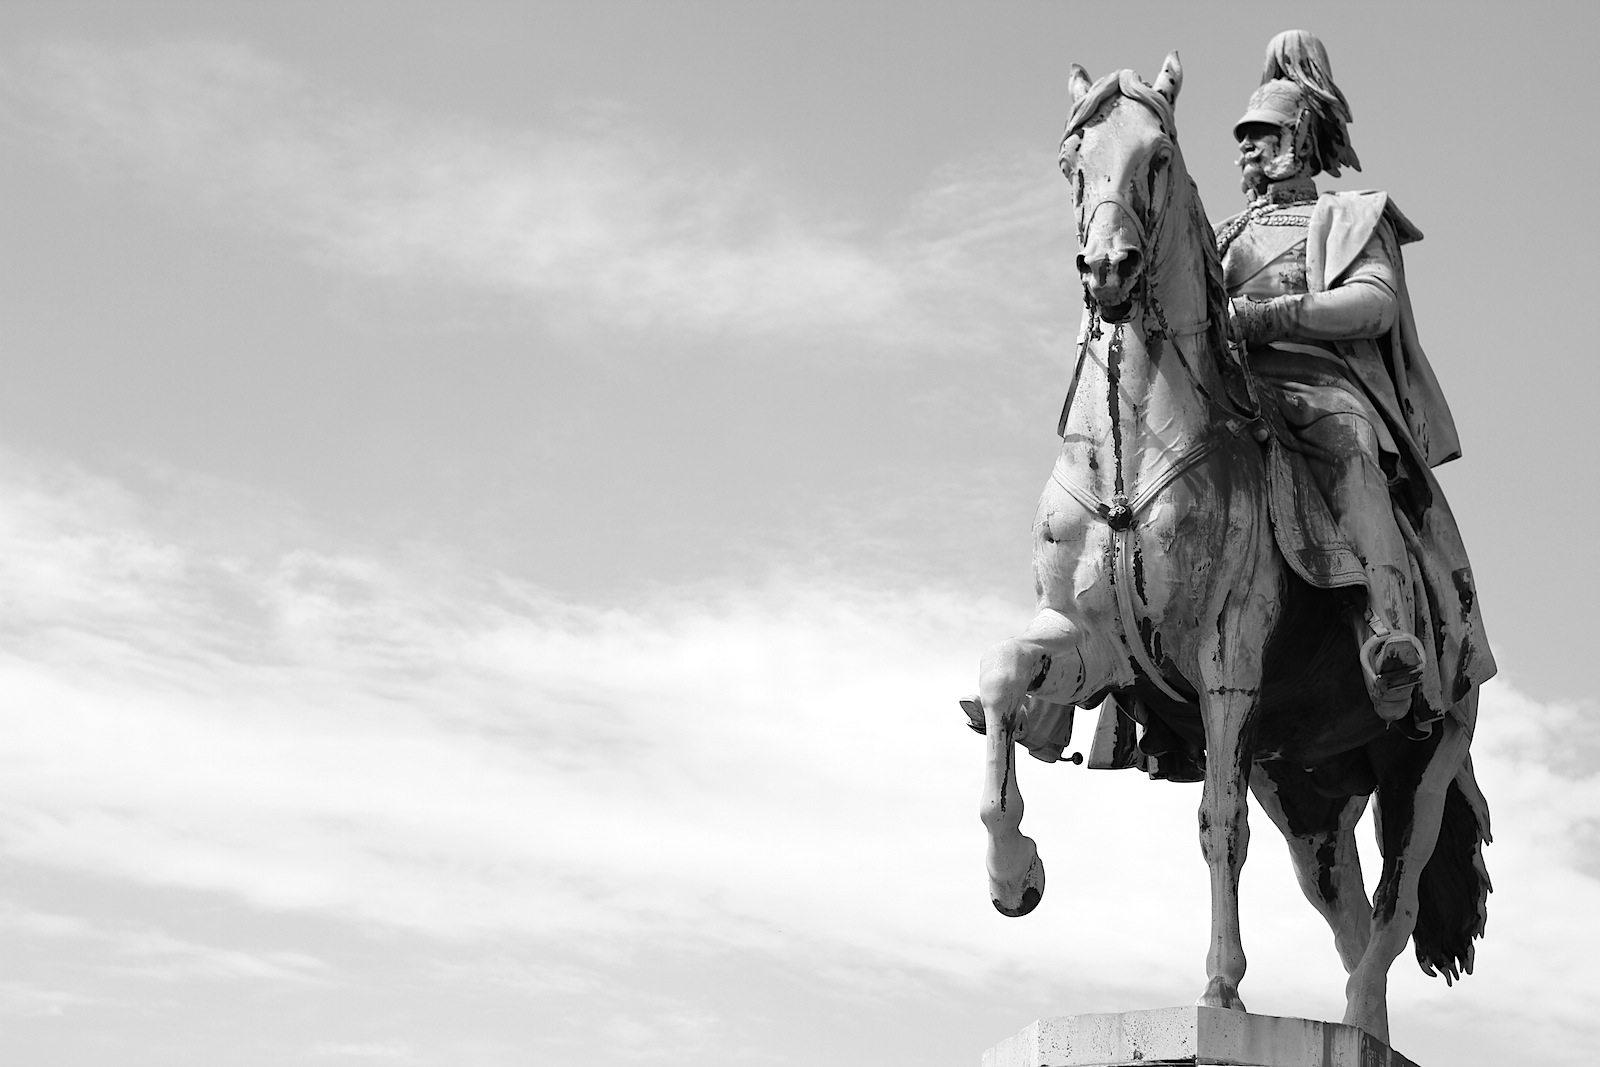 Reiterdenkmal Kaiser Wilhelm, 1867. vom deutschen Bildhauer Friedrich Drake, von dem auch die Viktoria auf der Berliner Siegessäule stammt.